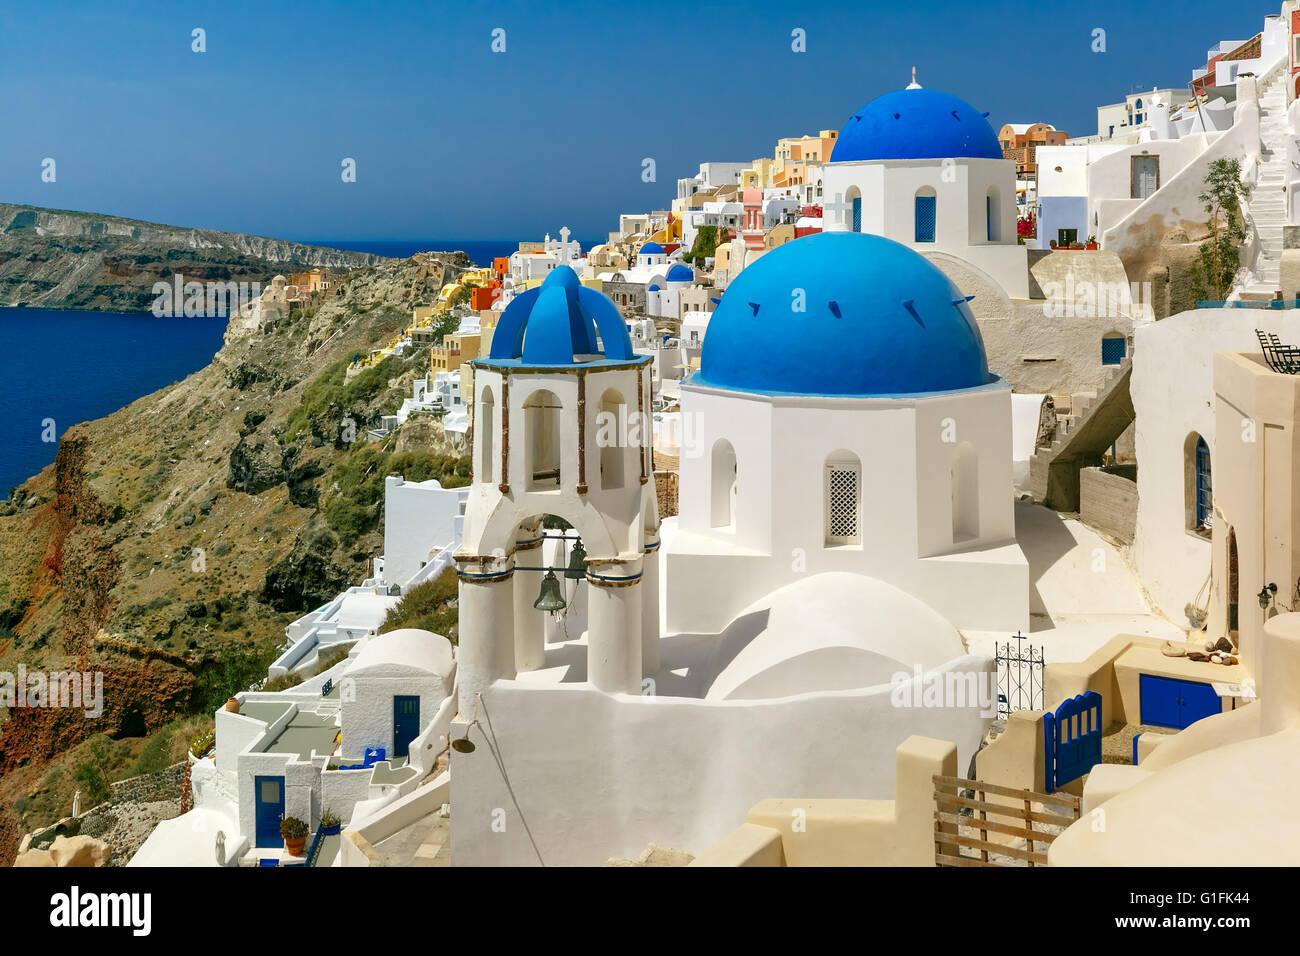 Malerische Aussicht von Oia, Santorini, Griechenland Stockbild